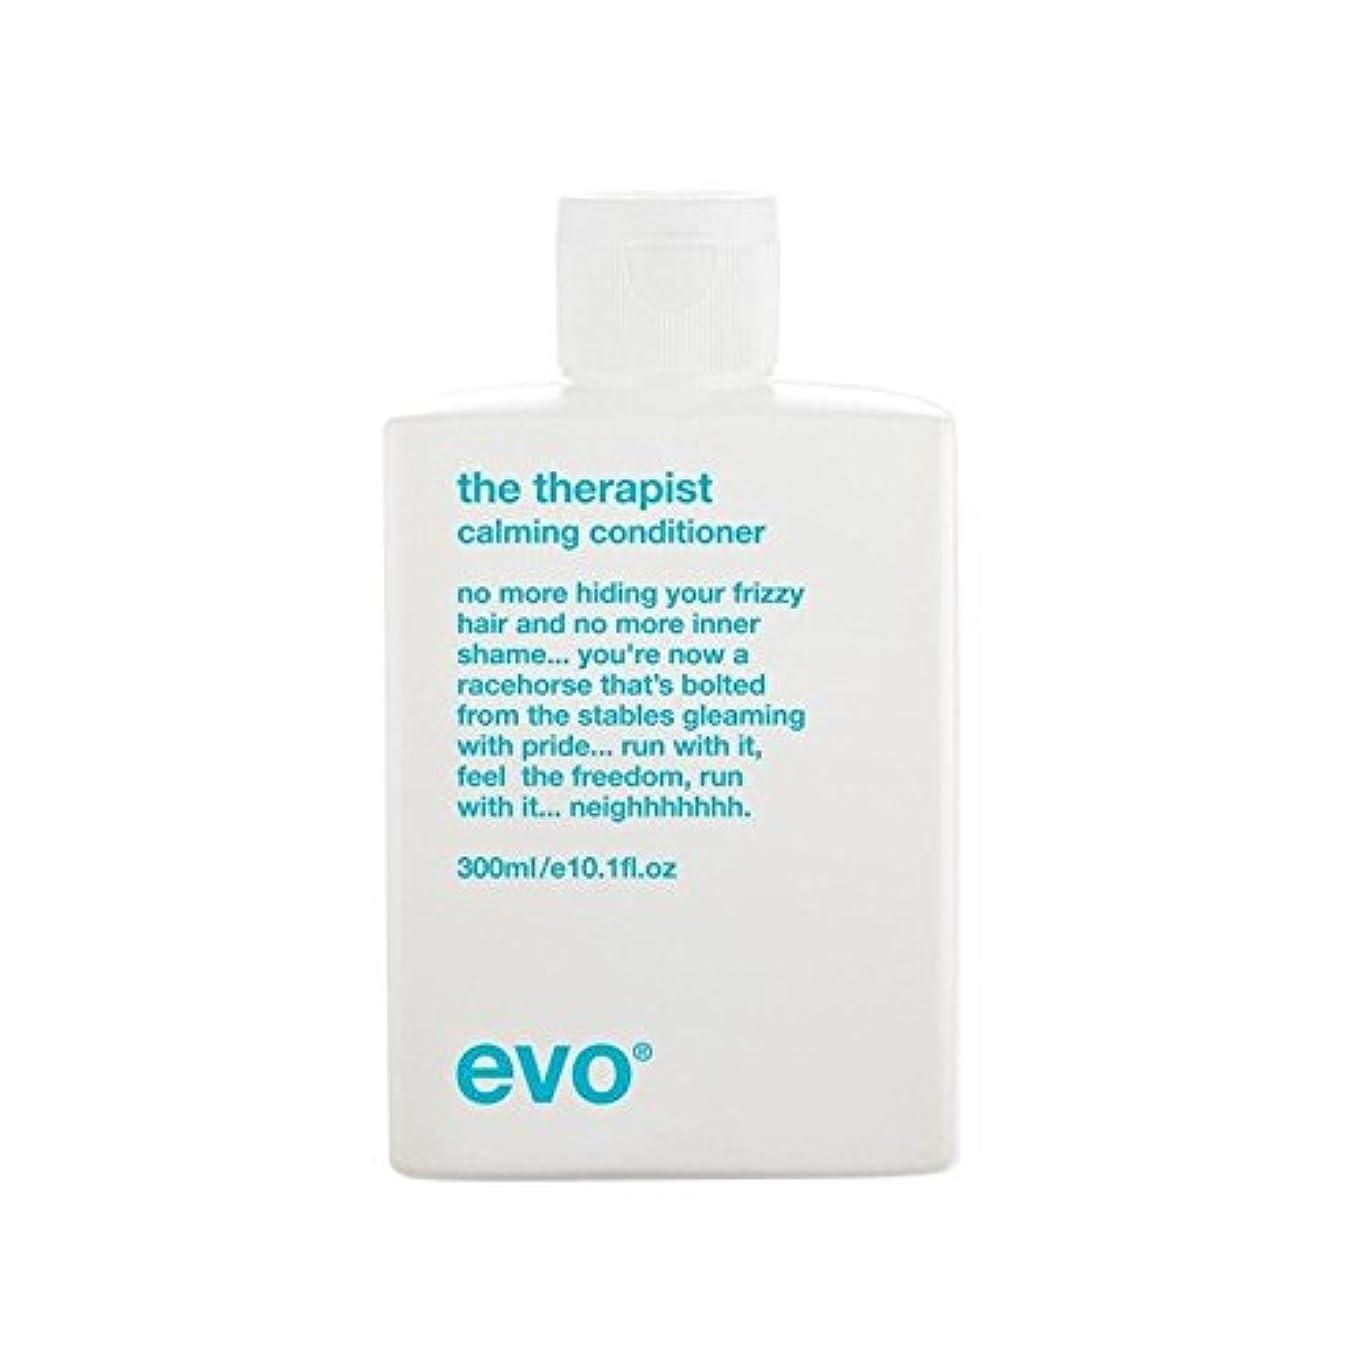 バレル含む言うセラピスト沈静コンディショナー(300ミリリットル) x4 - Evo The Therapist Calming Conditioner (300ml) (Pack of 4) [並行輸入品]